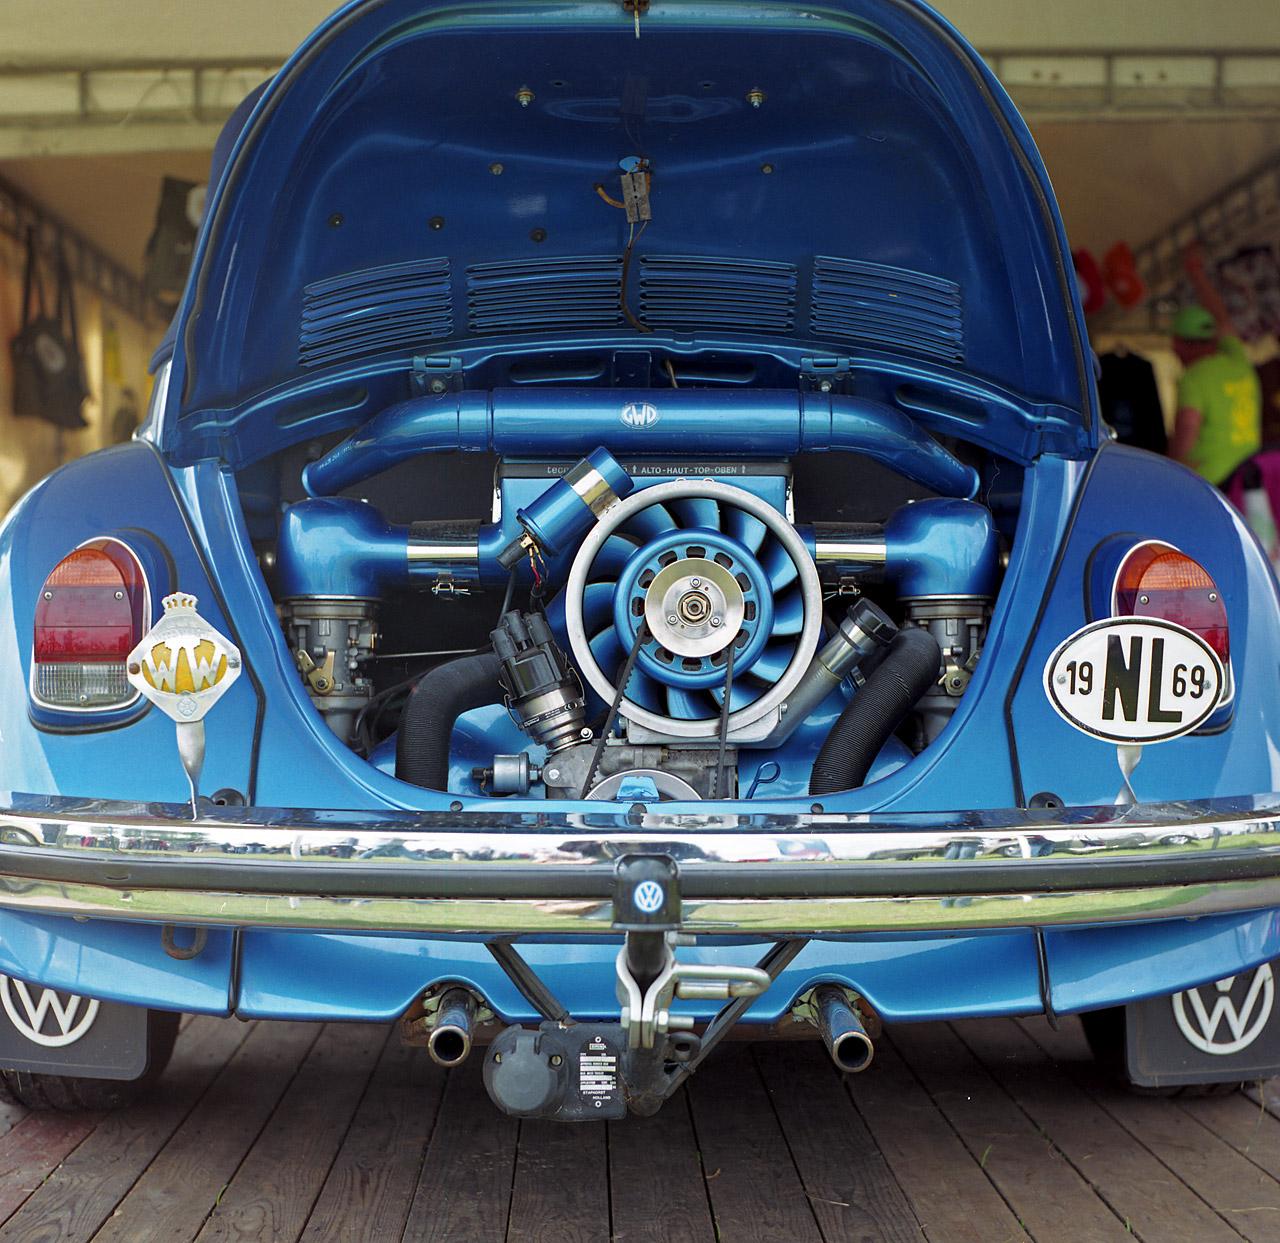 Vw Beetle Used Engine: 1969 VW Beetle (blue Engine)